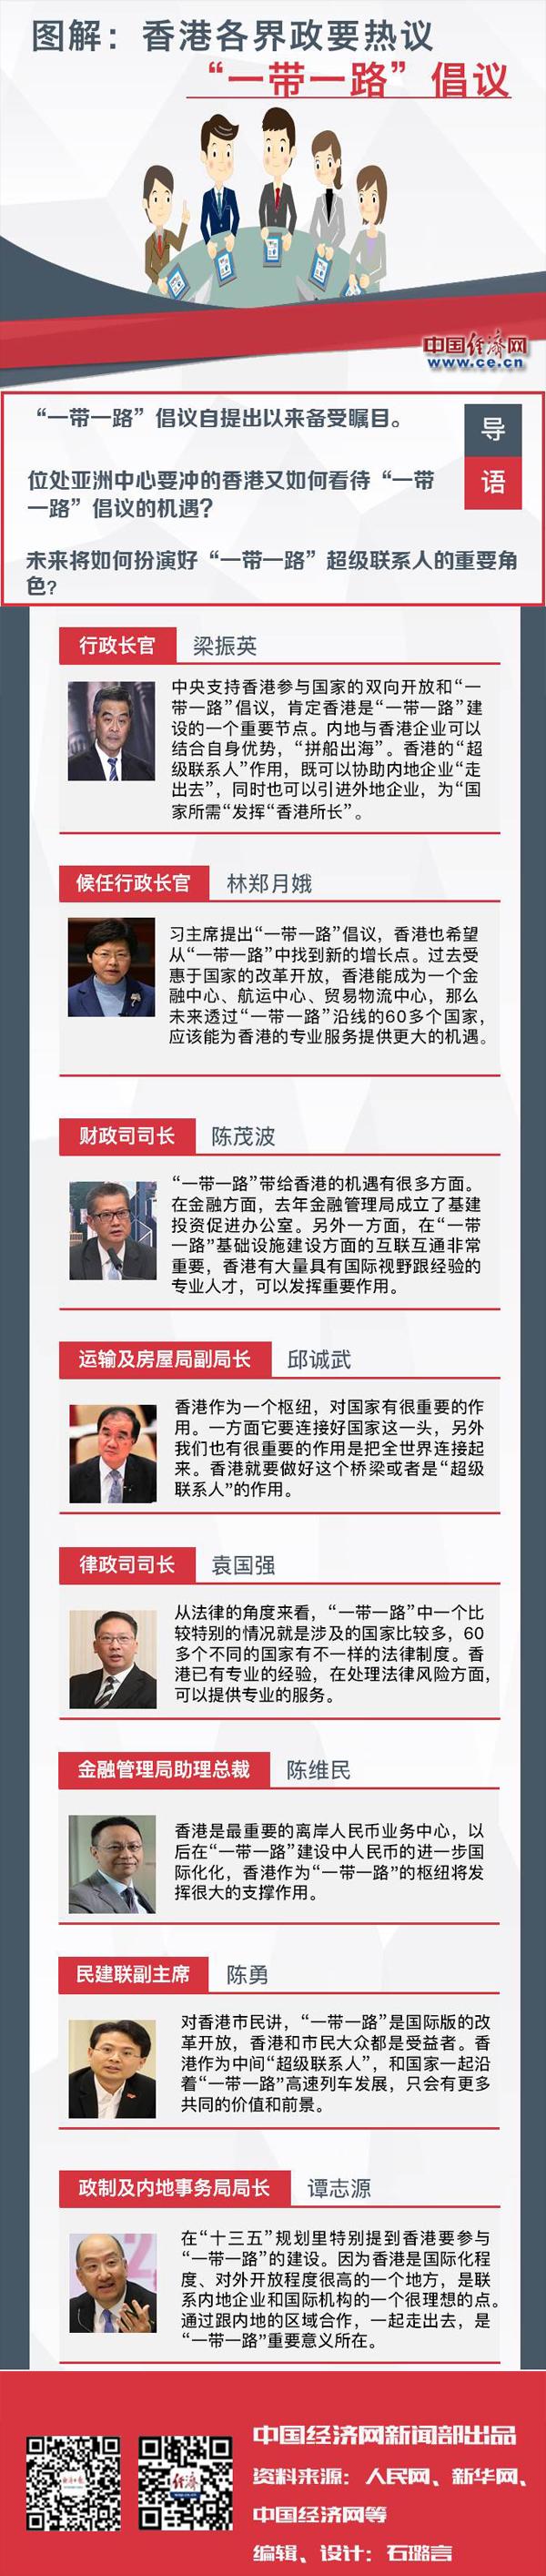 """图解:香港各界政要热议""""一带一路""""倡议"""